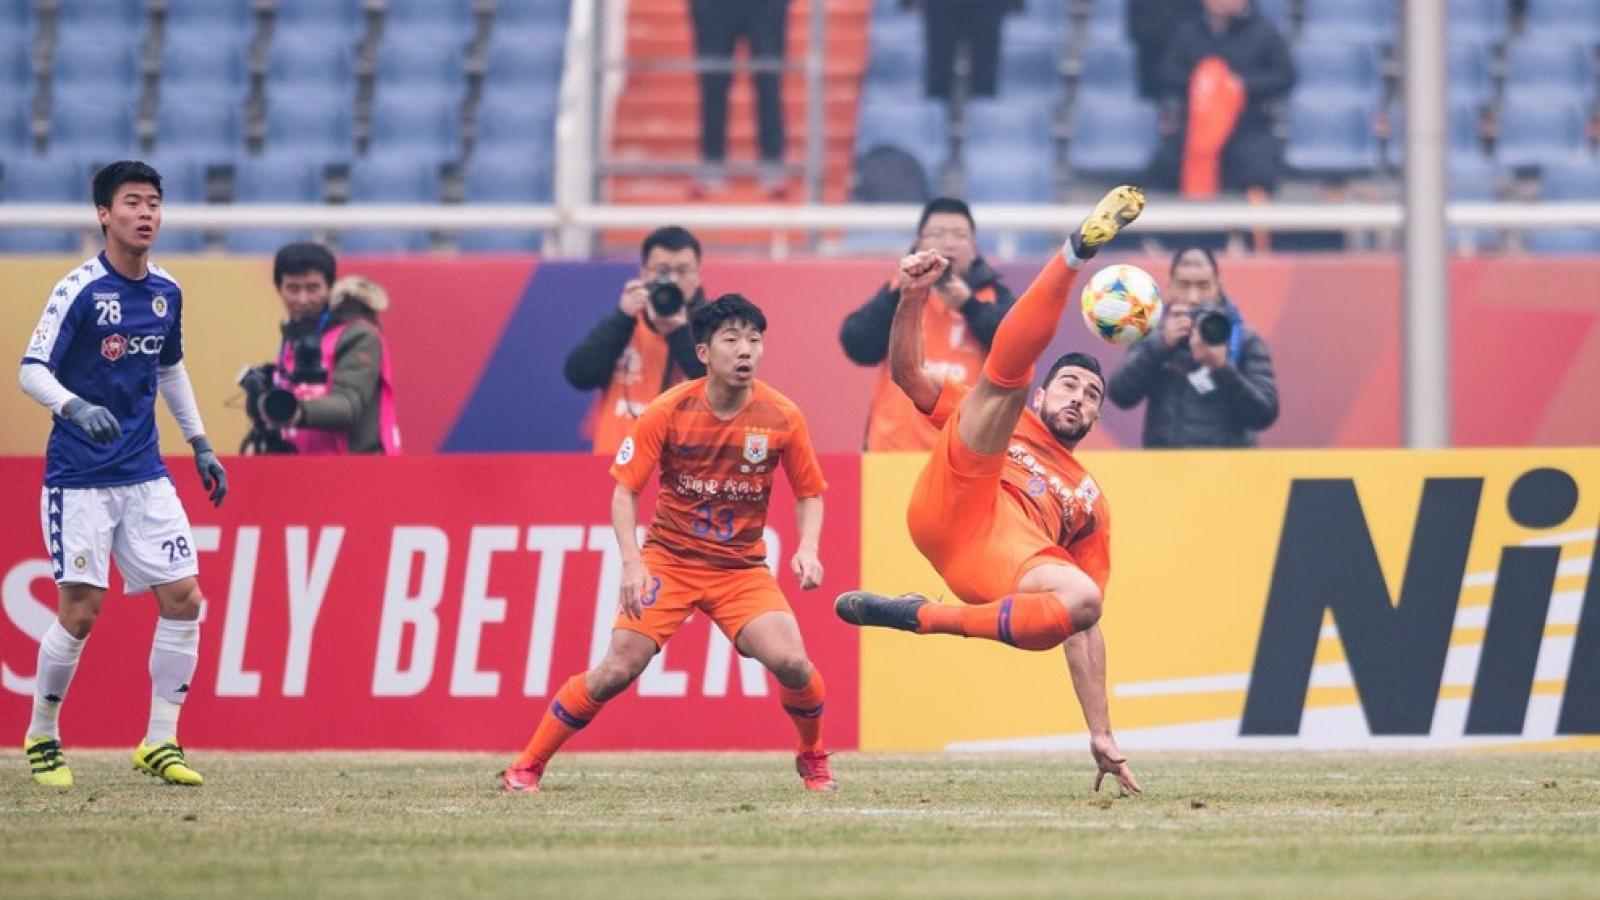 Nợ lương HLV vô địch Bundesliga, CLB Trung Quốc bị cấm thi đấu ở AFC Champions League